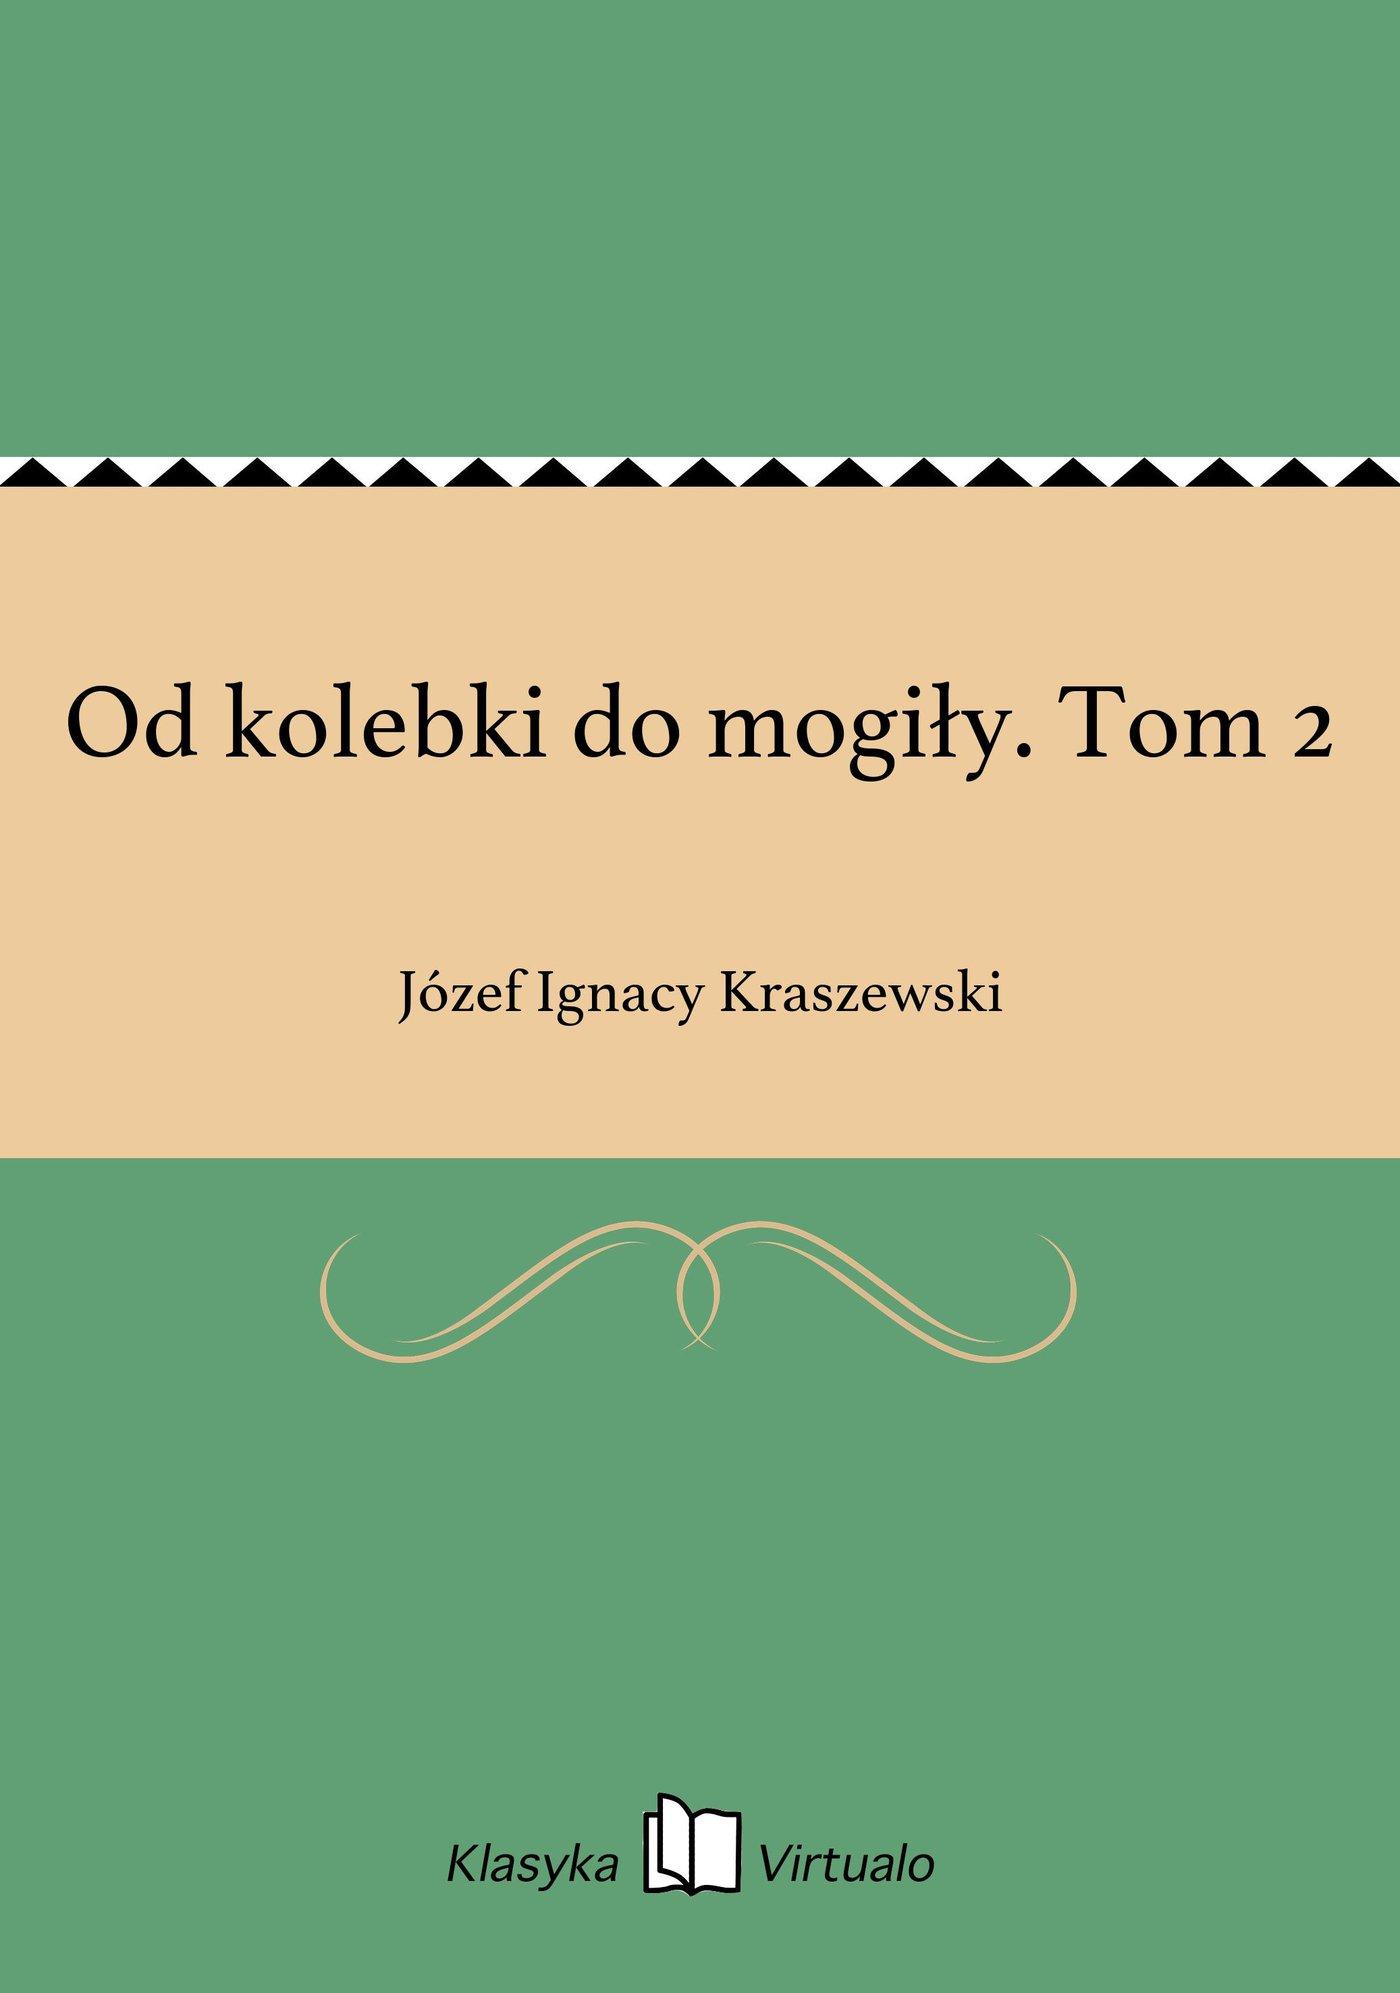 Od kolebki do mogiły. Tom 2 - Ebook (Książka na Kindle) do pobrania w formacie MOBI